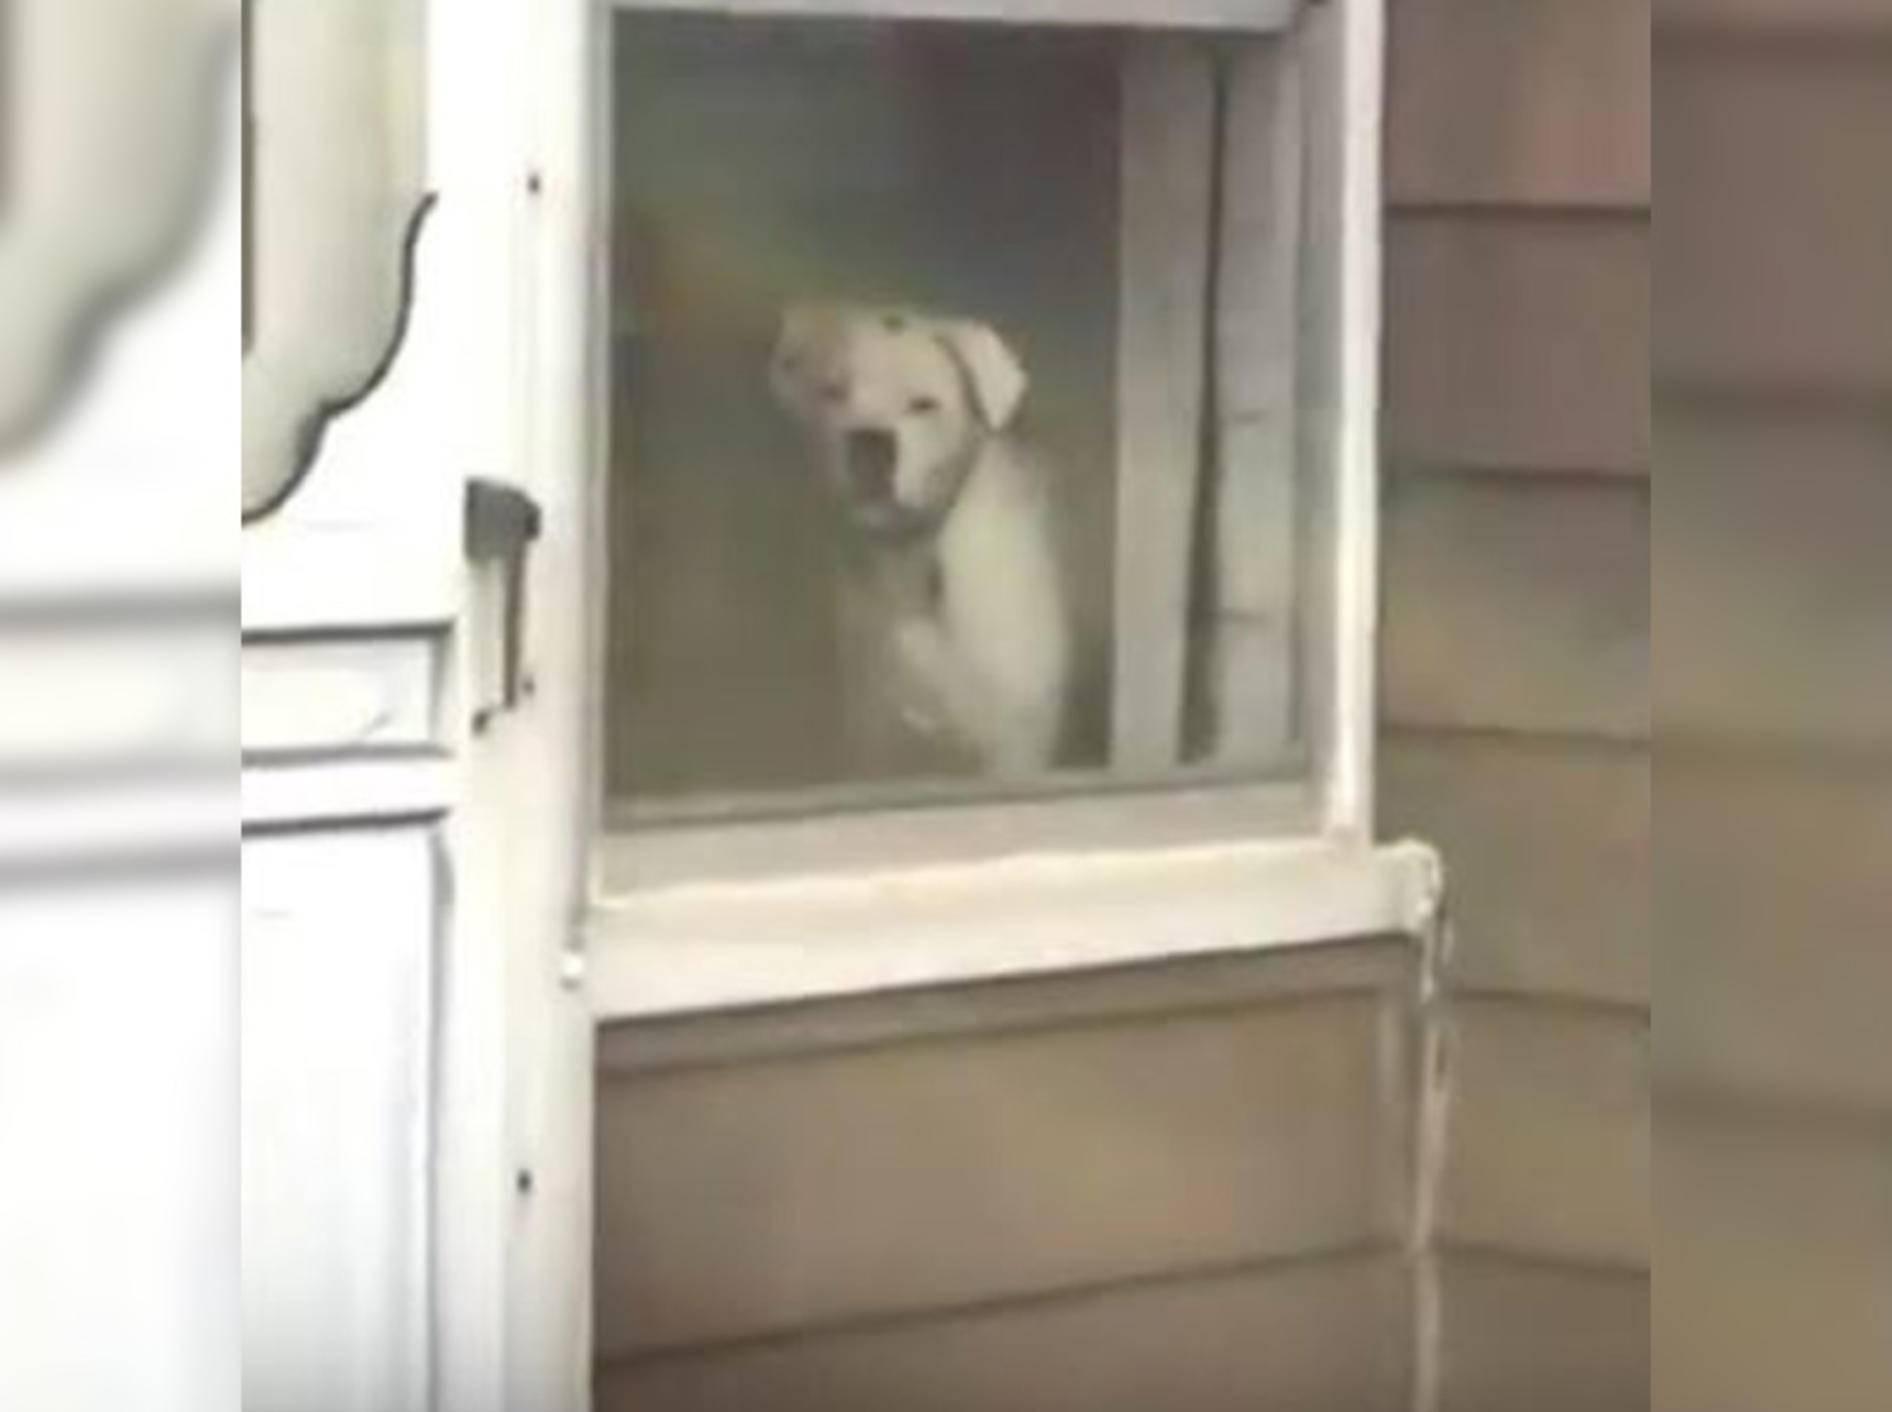 Hündin Maddie beorbachtet ihr Herrchen beim Verlassen des Hauses - Bild: YouTube / ELITE Virals